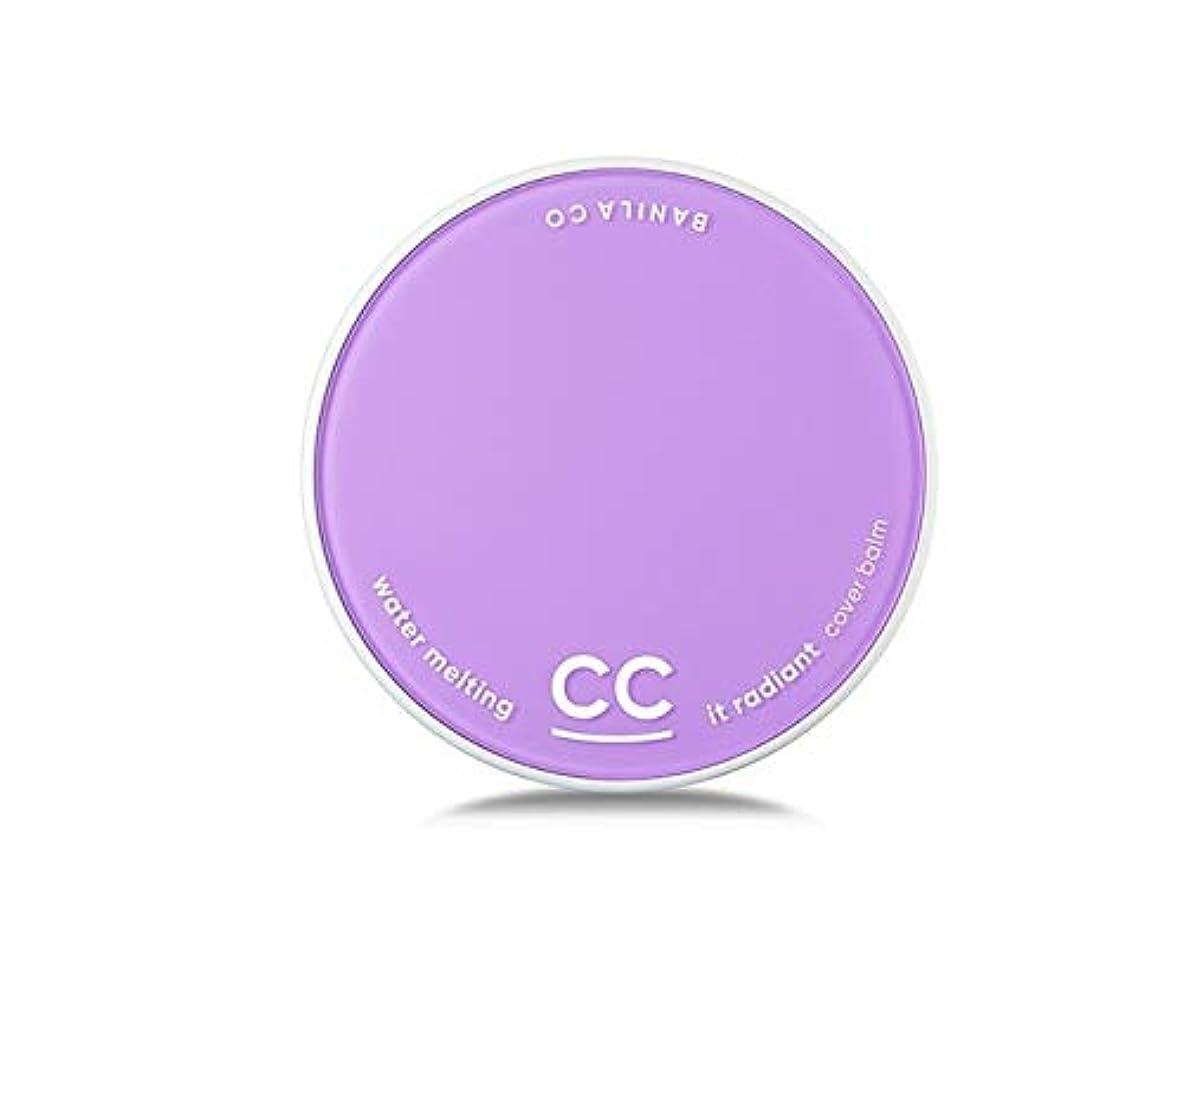 おとこマトン震えbanilaco イットラディアントCCエッセンスカバーバーム/It Radiant CC Essence Cover Balm 15g # Light Beige [並行輸入品]